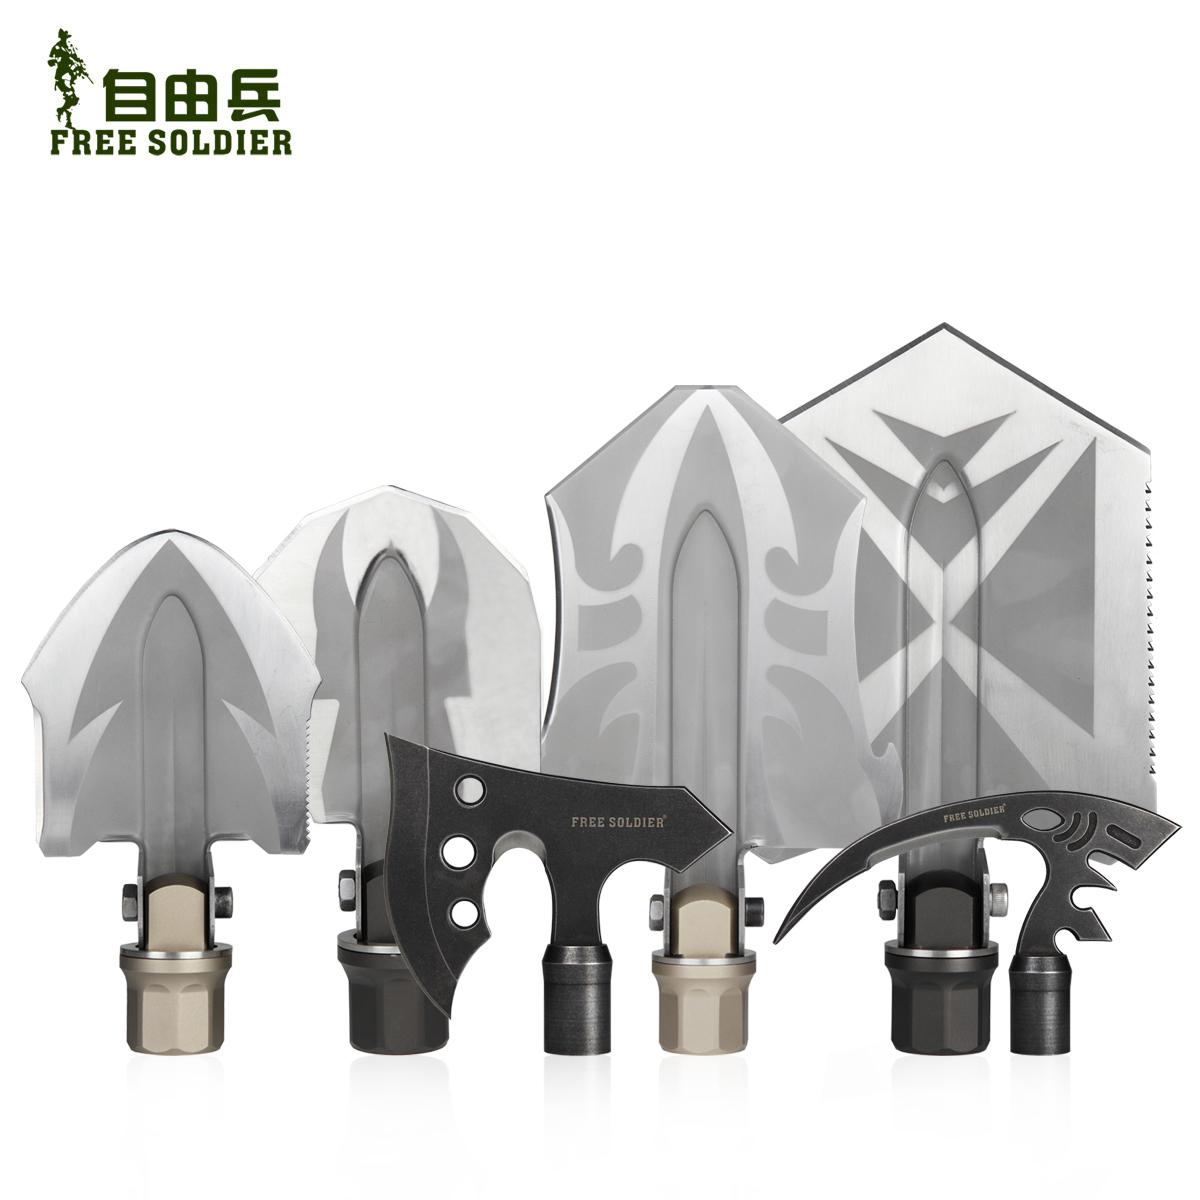 自由兵户外 魔形系列首部组件 多功能折叠锹铲面DIY工具配件